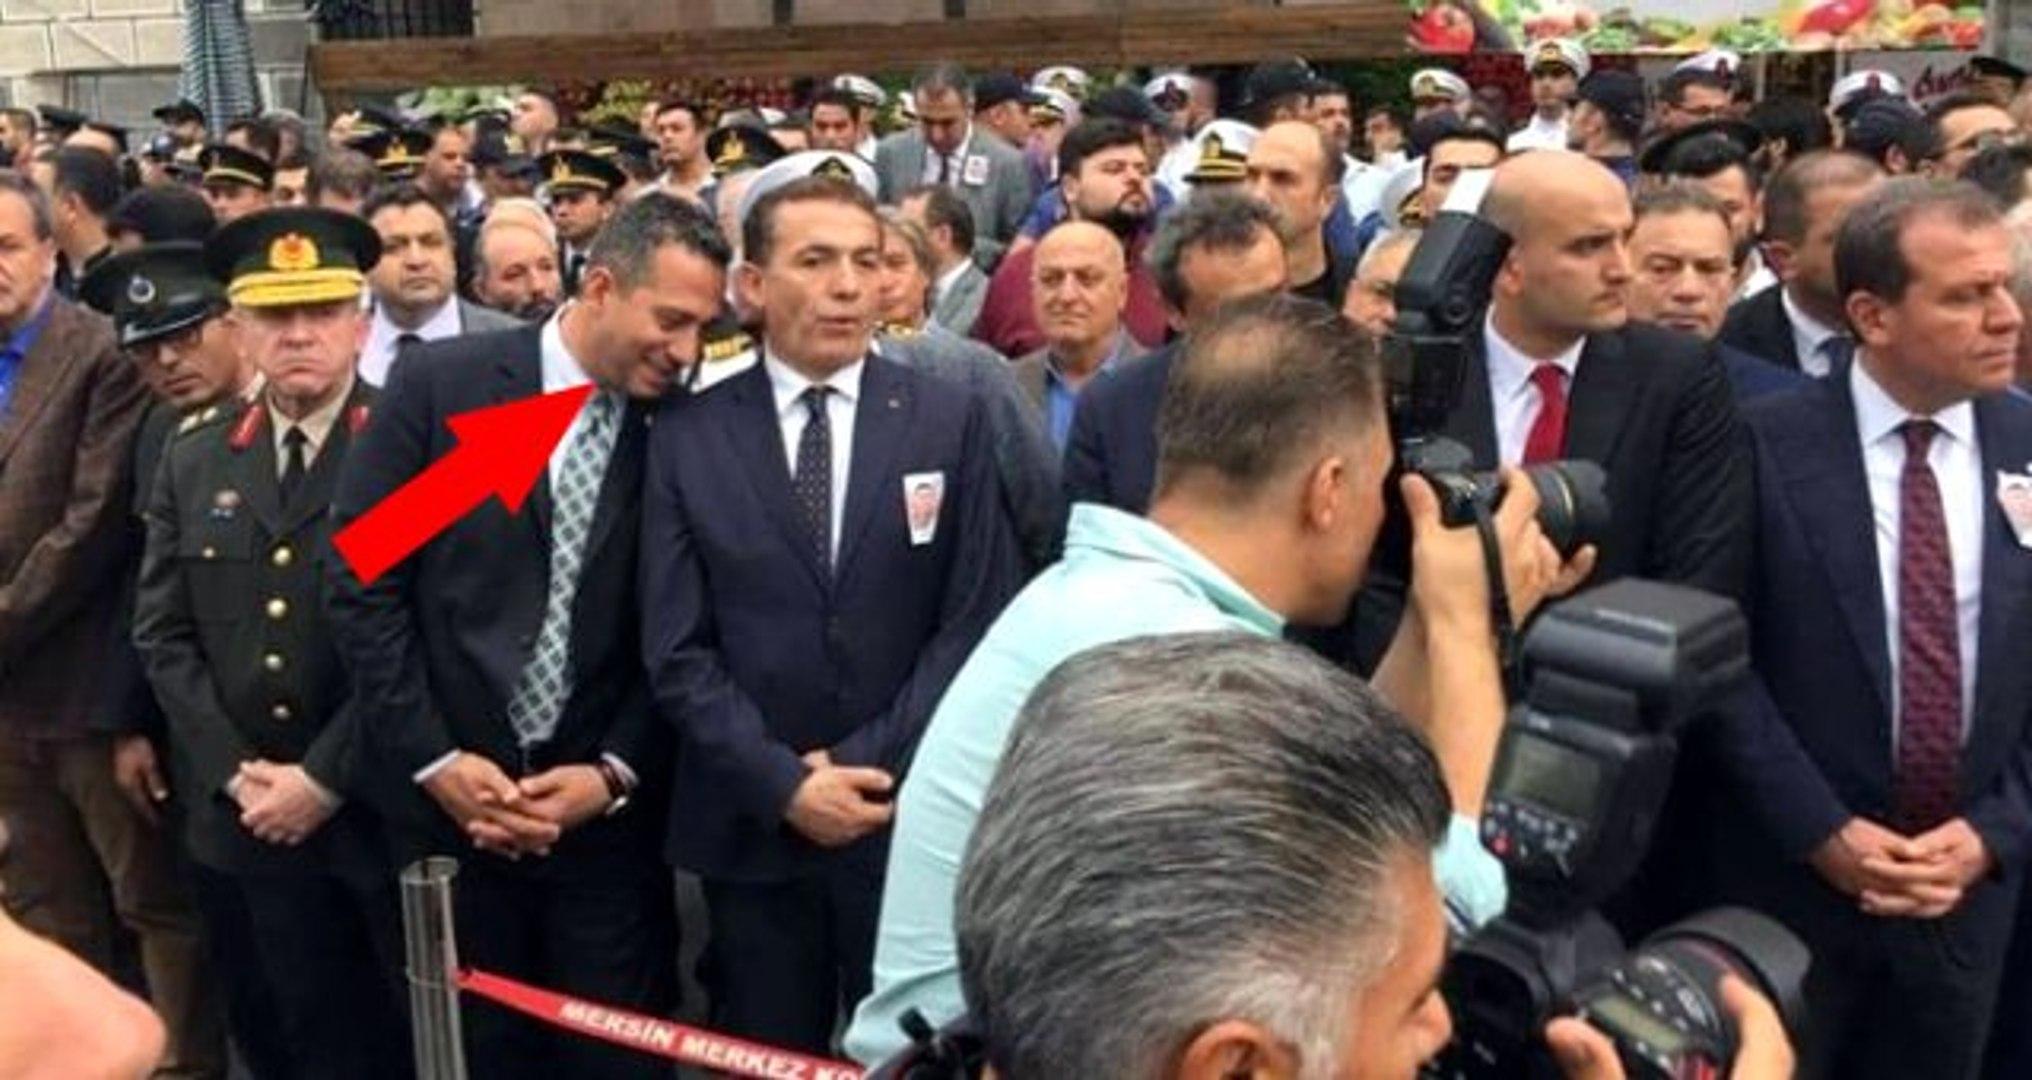 Şehit cenazesinde gülen milletvekili sosyal medyada büyük tepki çekti - Dailymotion Video